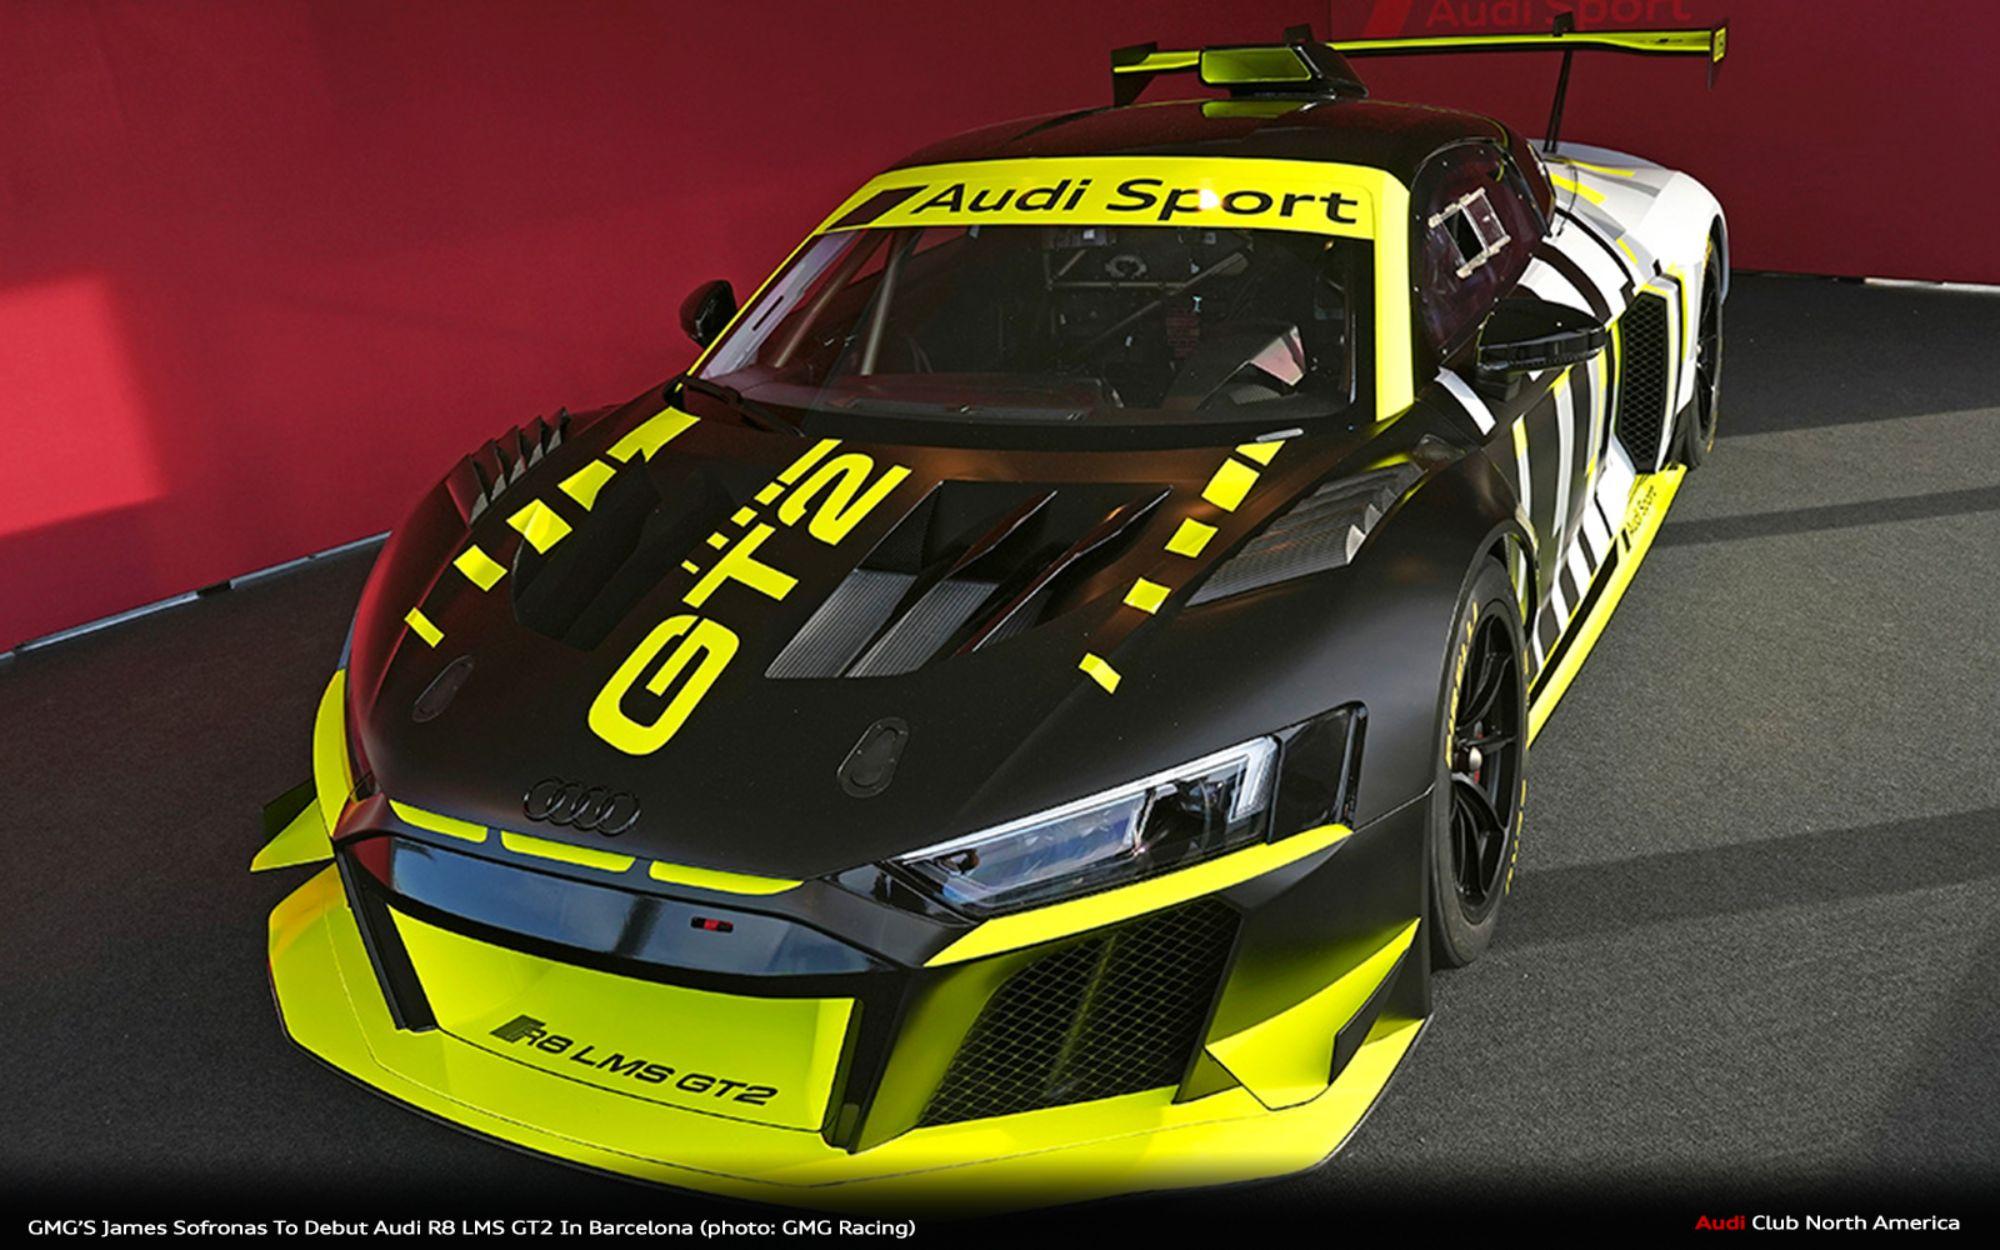 Kelebihan Kekurangan Audi R8 Gt2 Tangguh